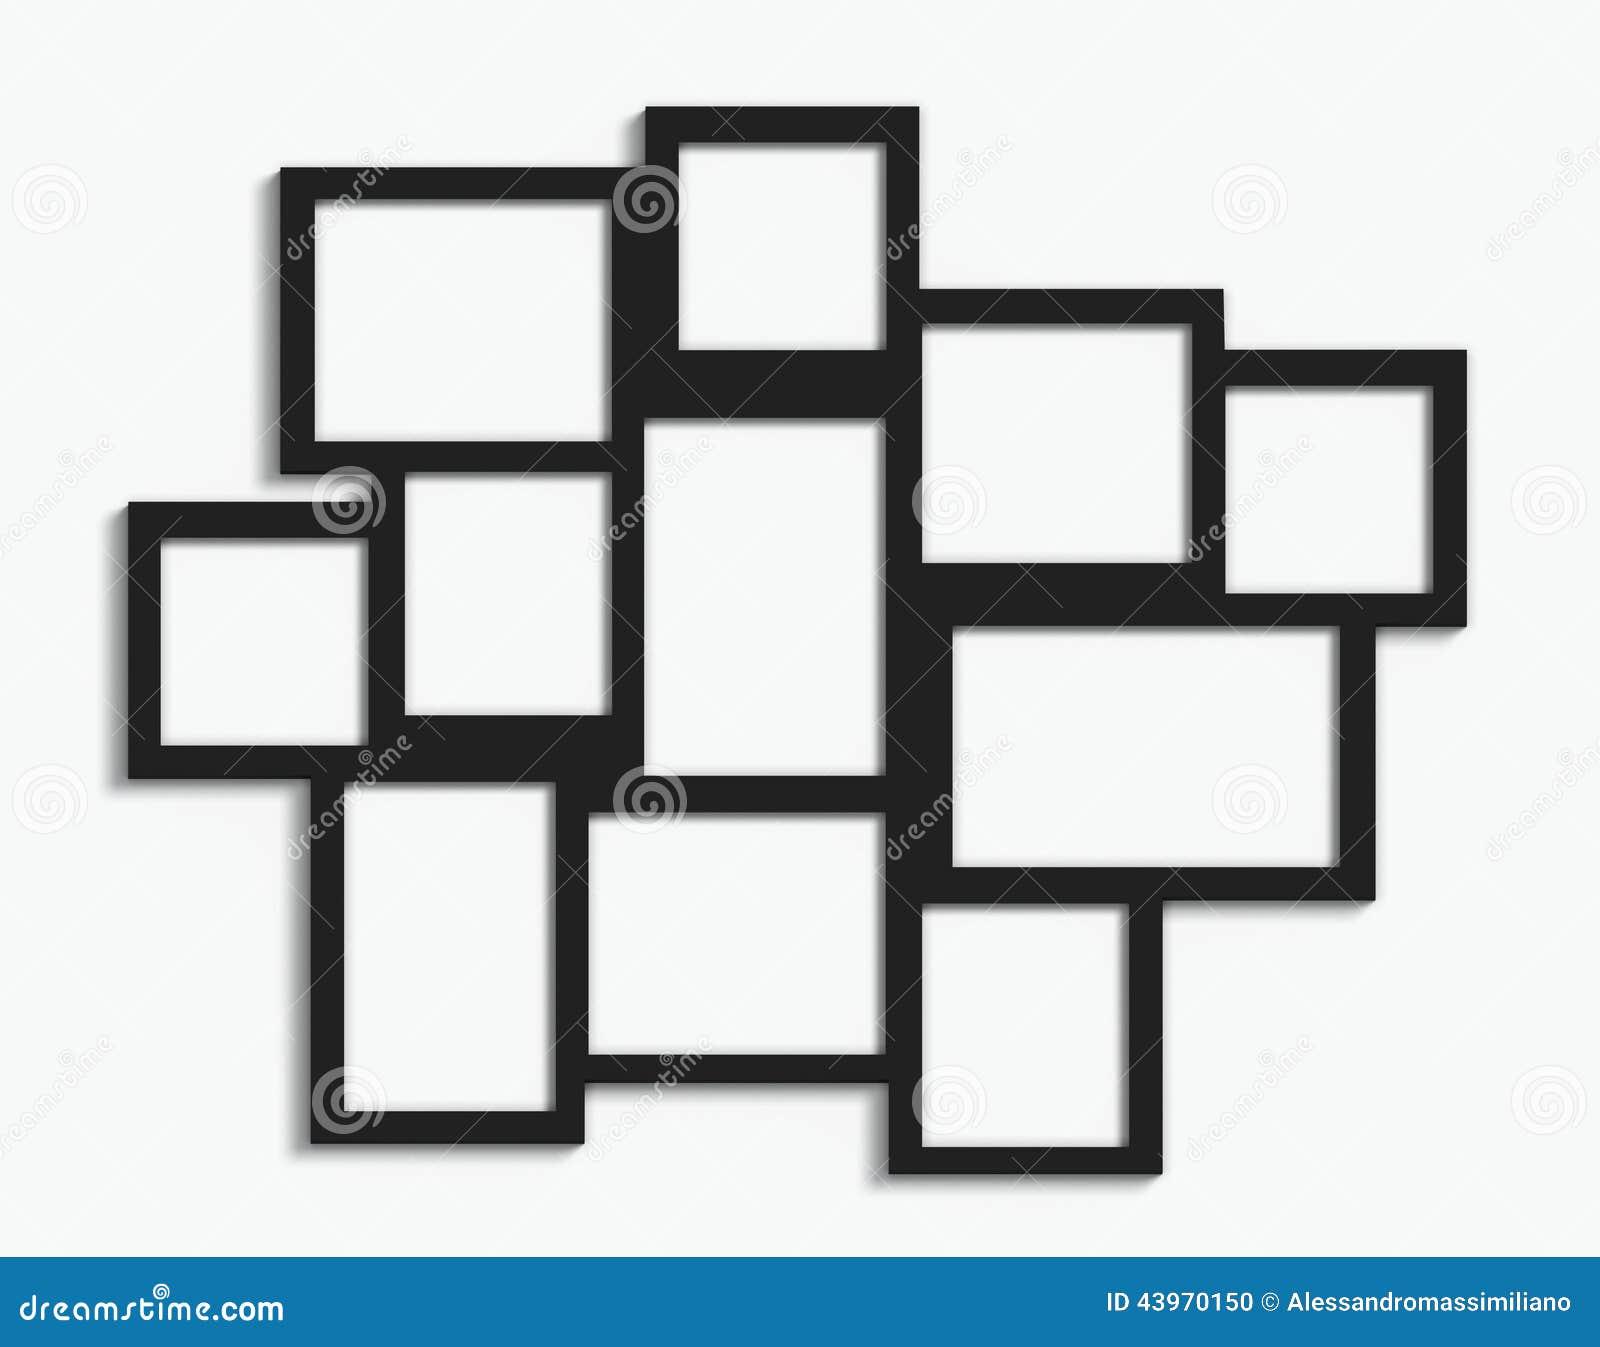 Mehrfache Rahmen stockfoto. Bild von ausstellung, dekoration - 43970150